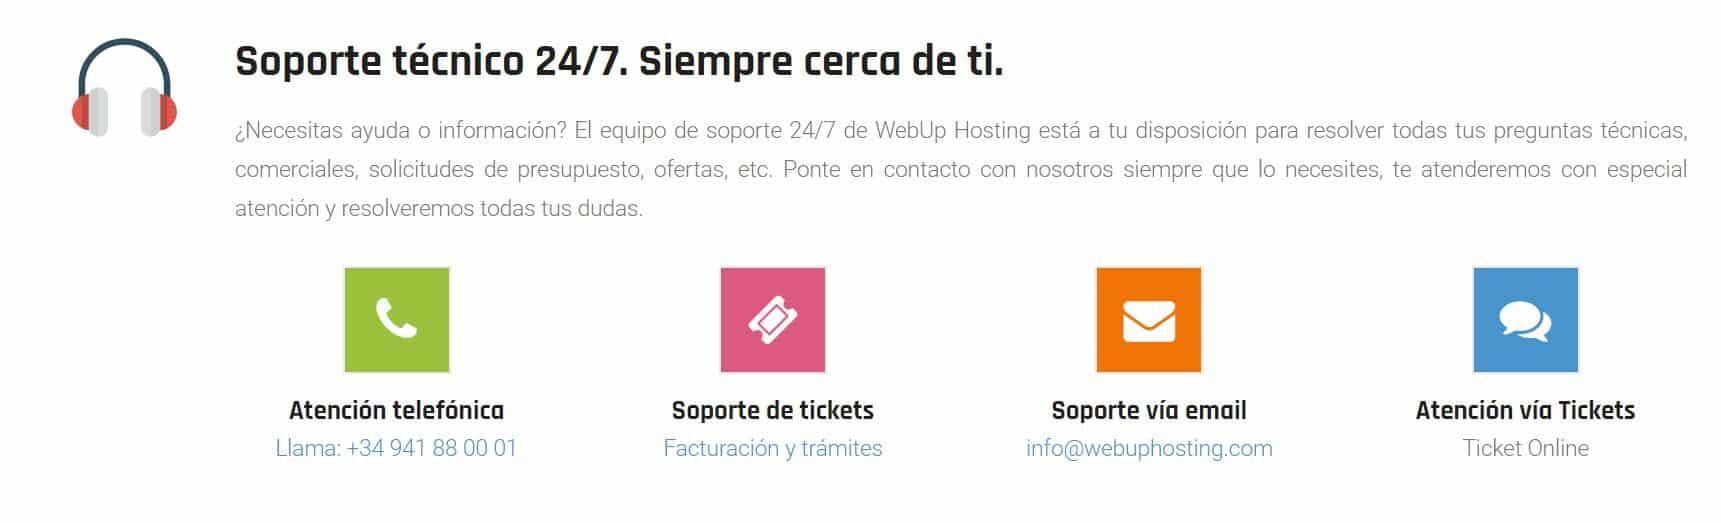 Webup hosting incluye diferentes planes de suscripción.